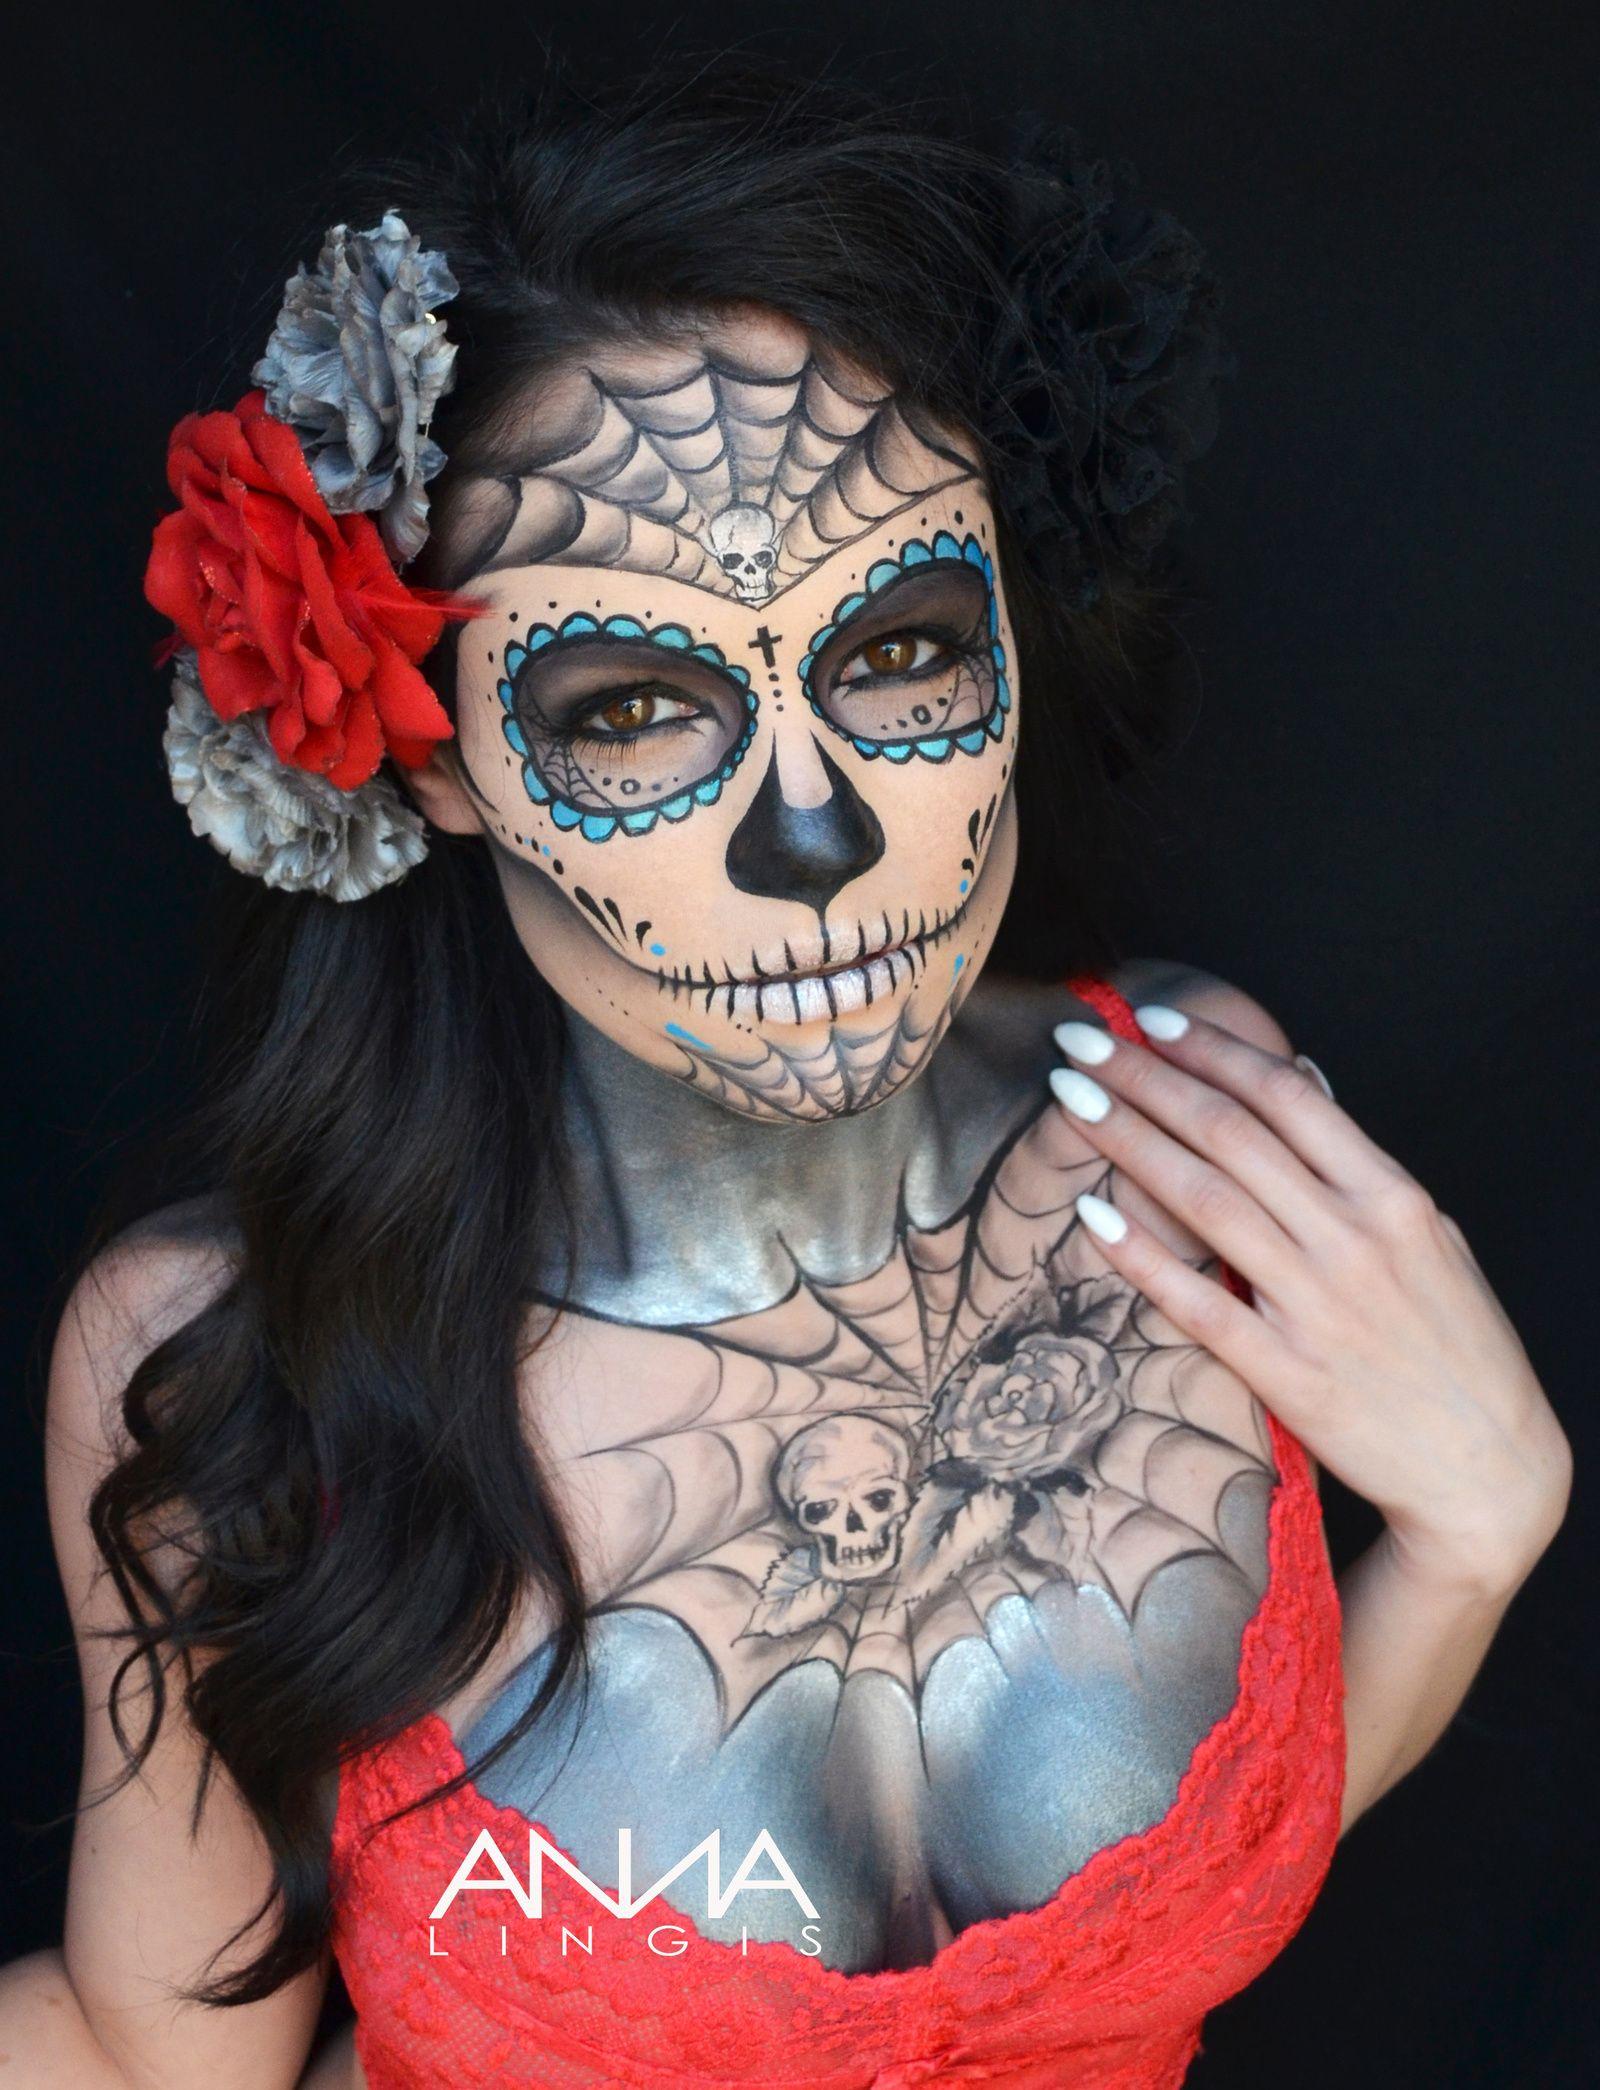 Anna Lingis's Face & Body Art - Skulls